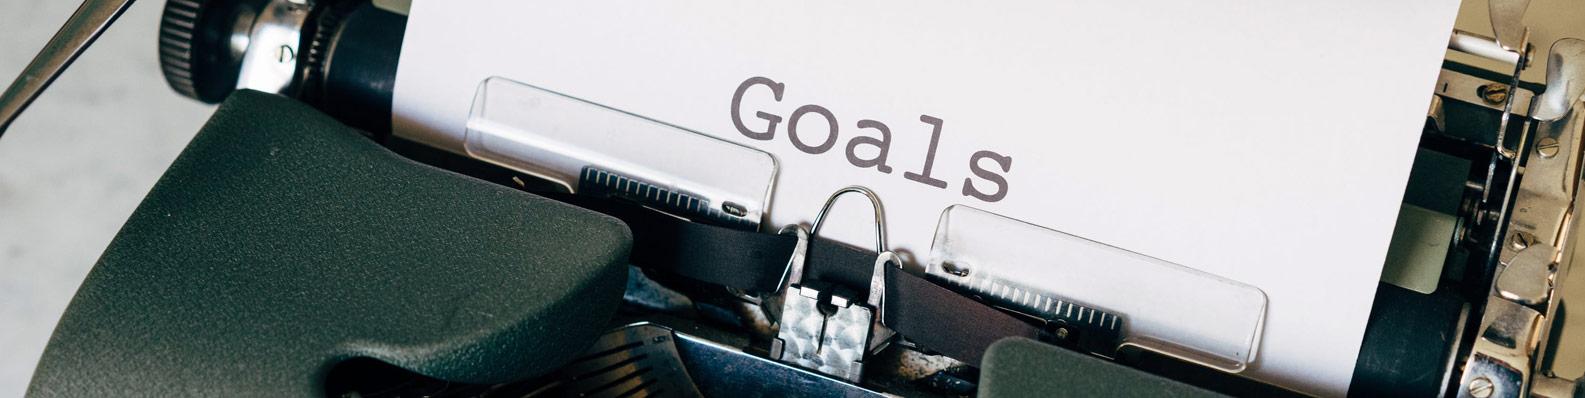 Establishing Raffle Fundraising Goals